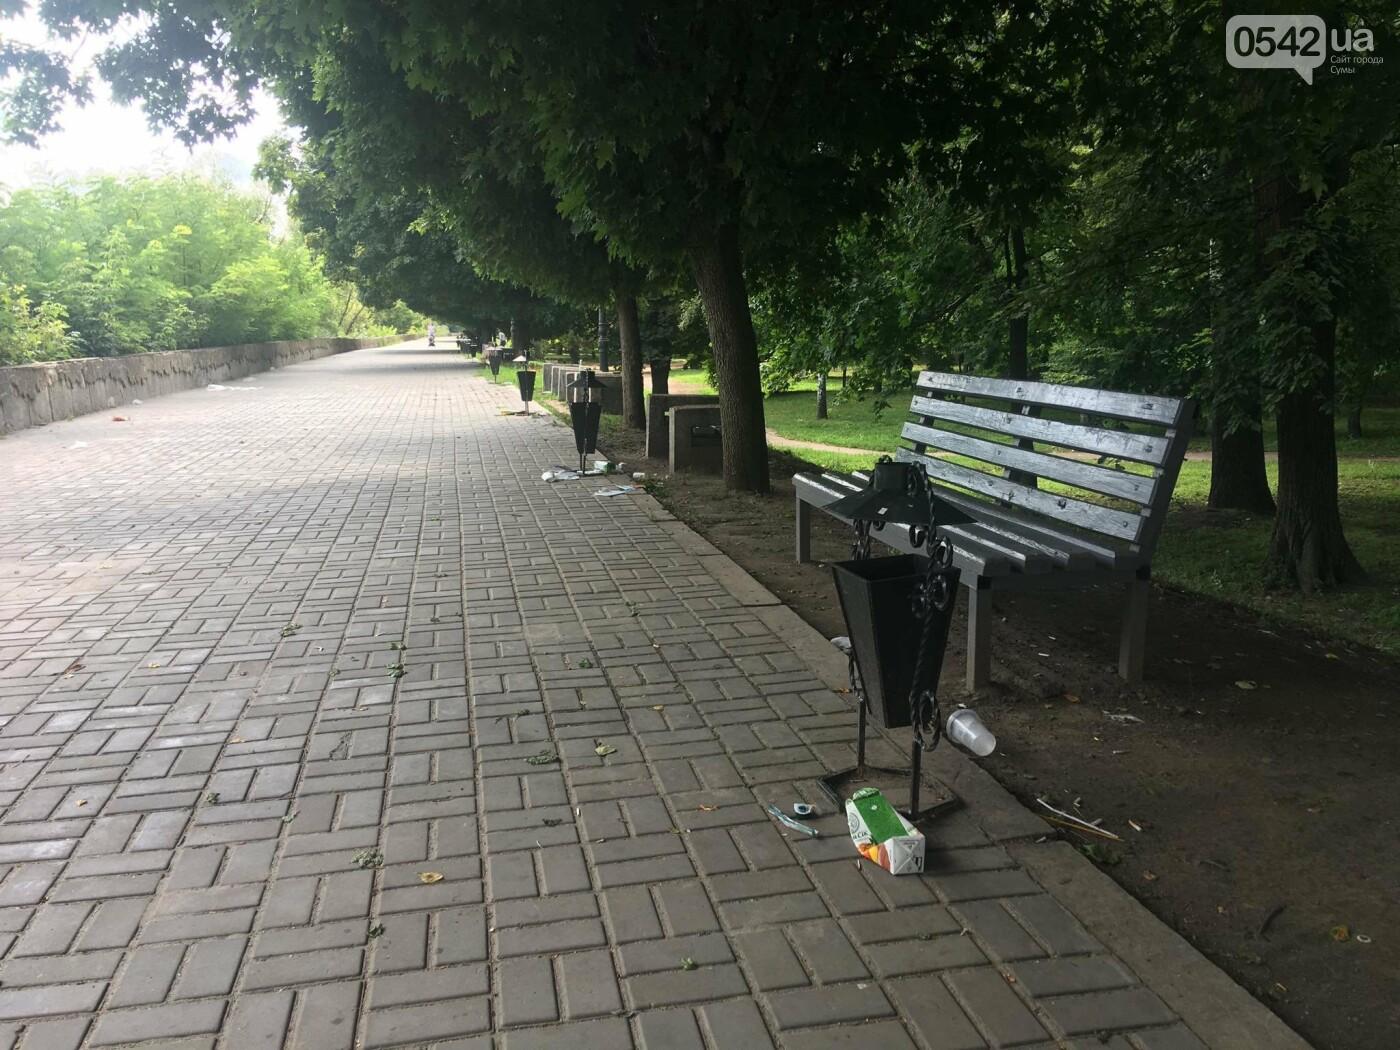 У Сумах сміття лежить біля порожніх урн: культура жителів міста або сумлінність комунальників?, фото-3